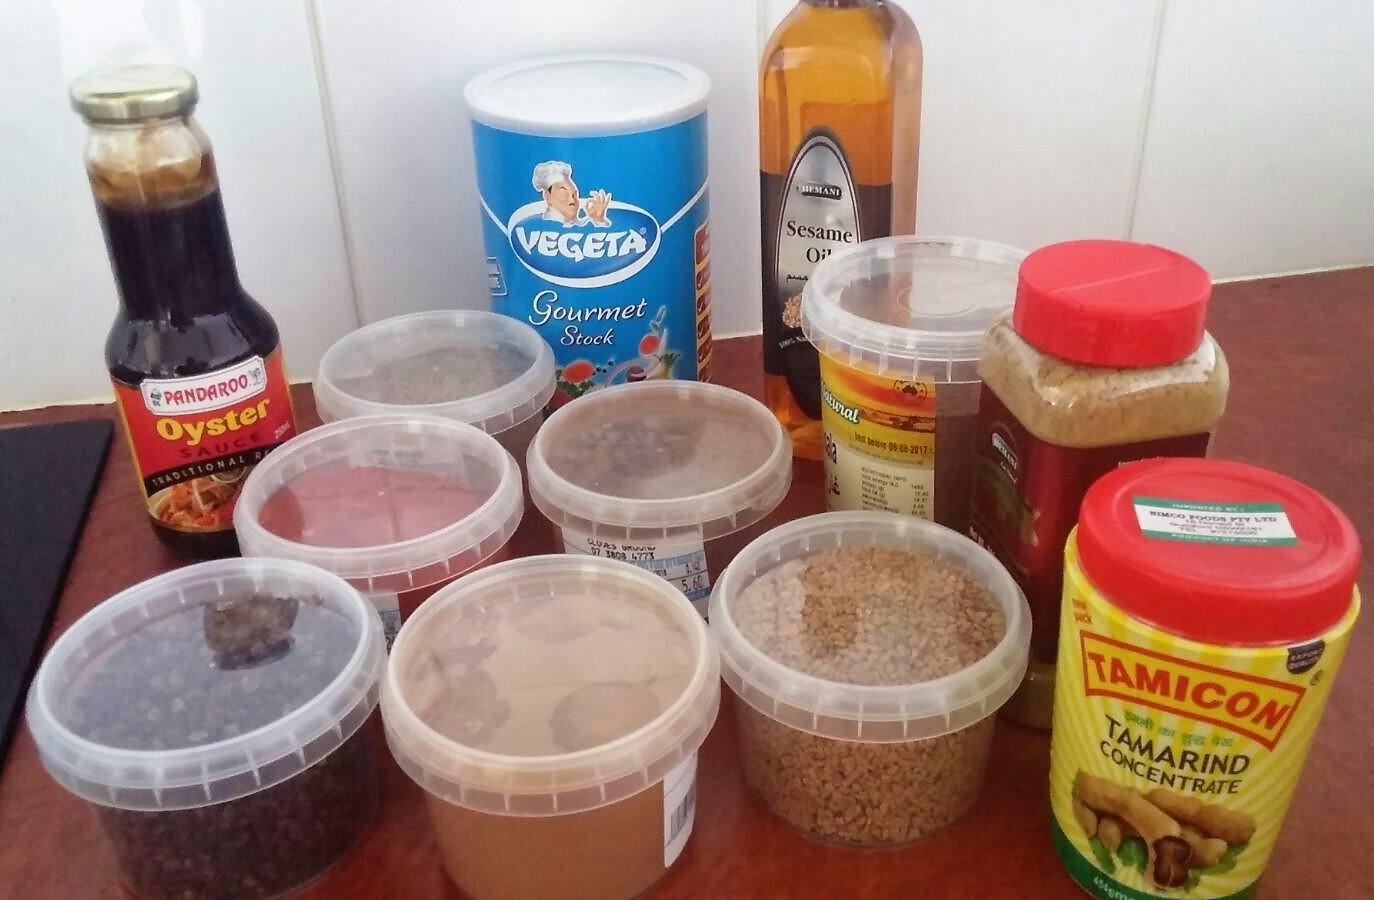 Recipe-less Spice Appreciation